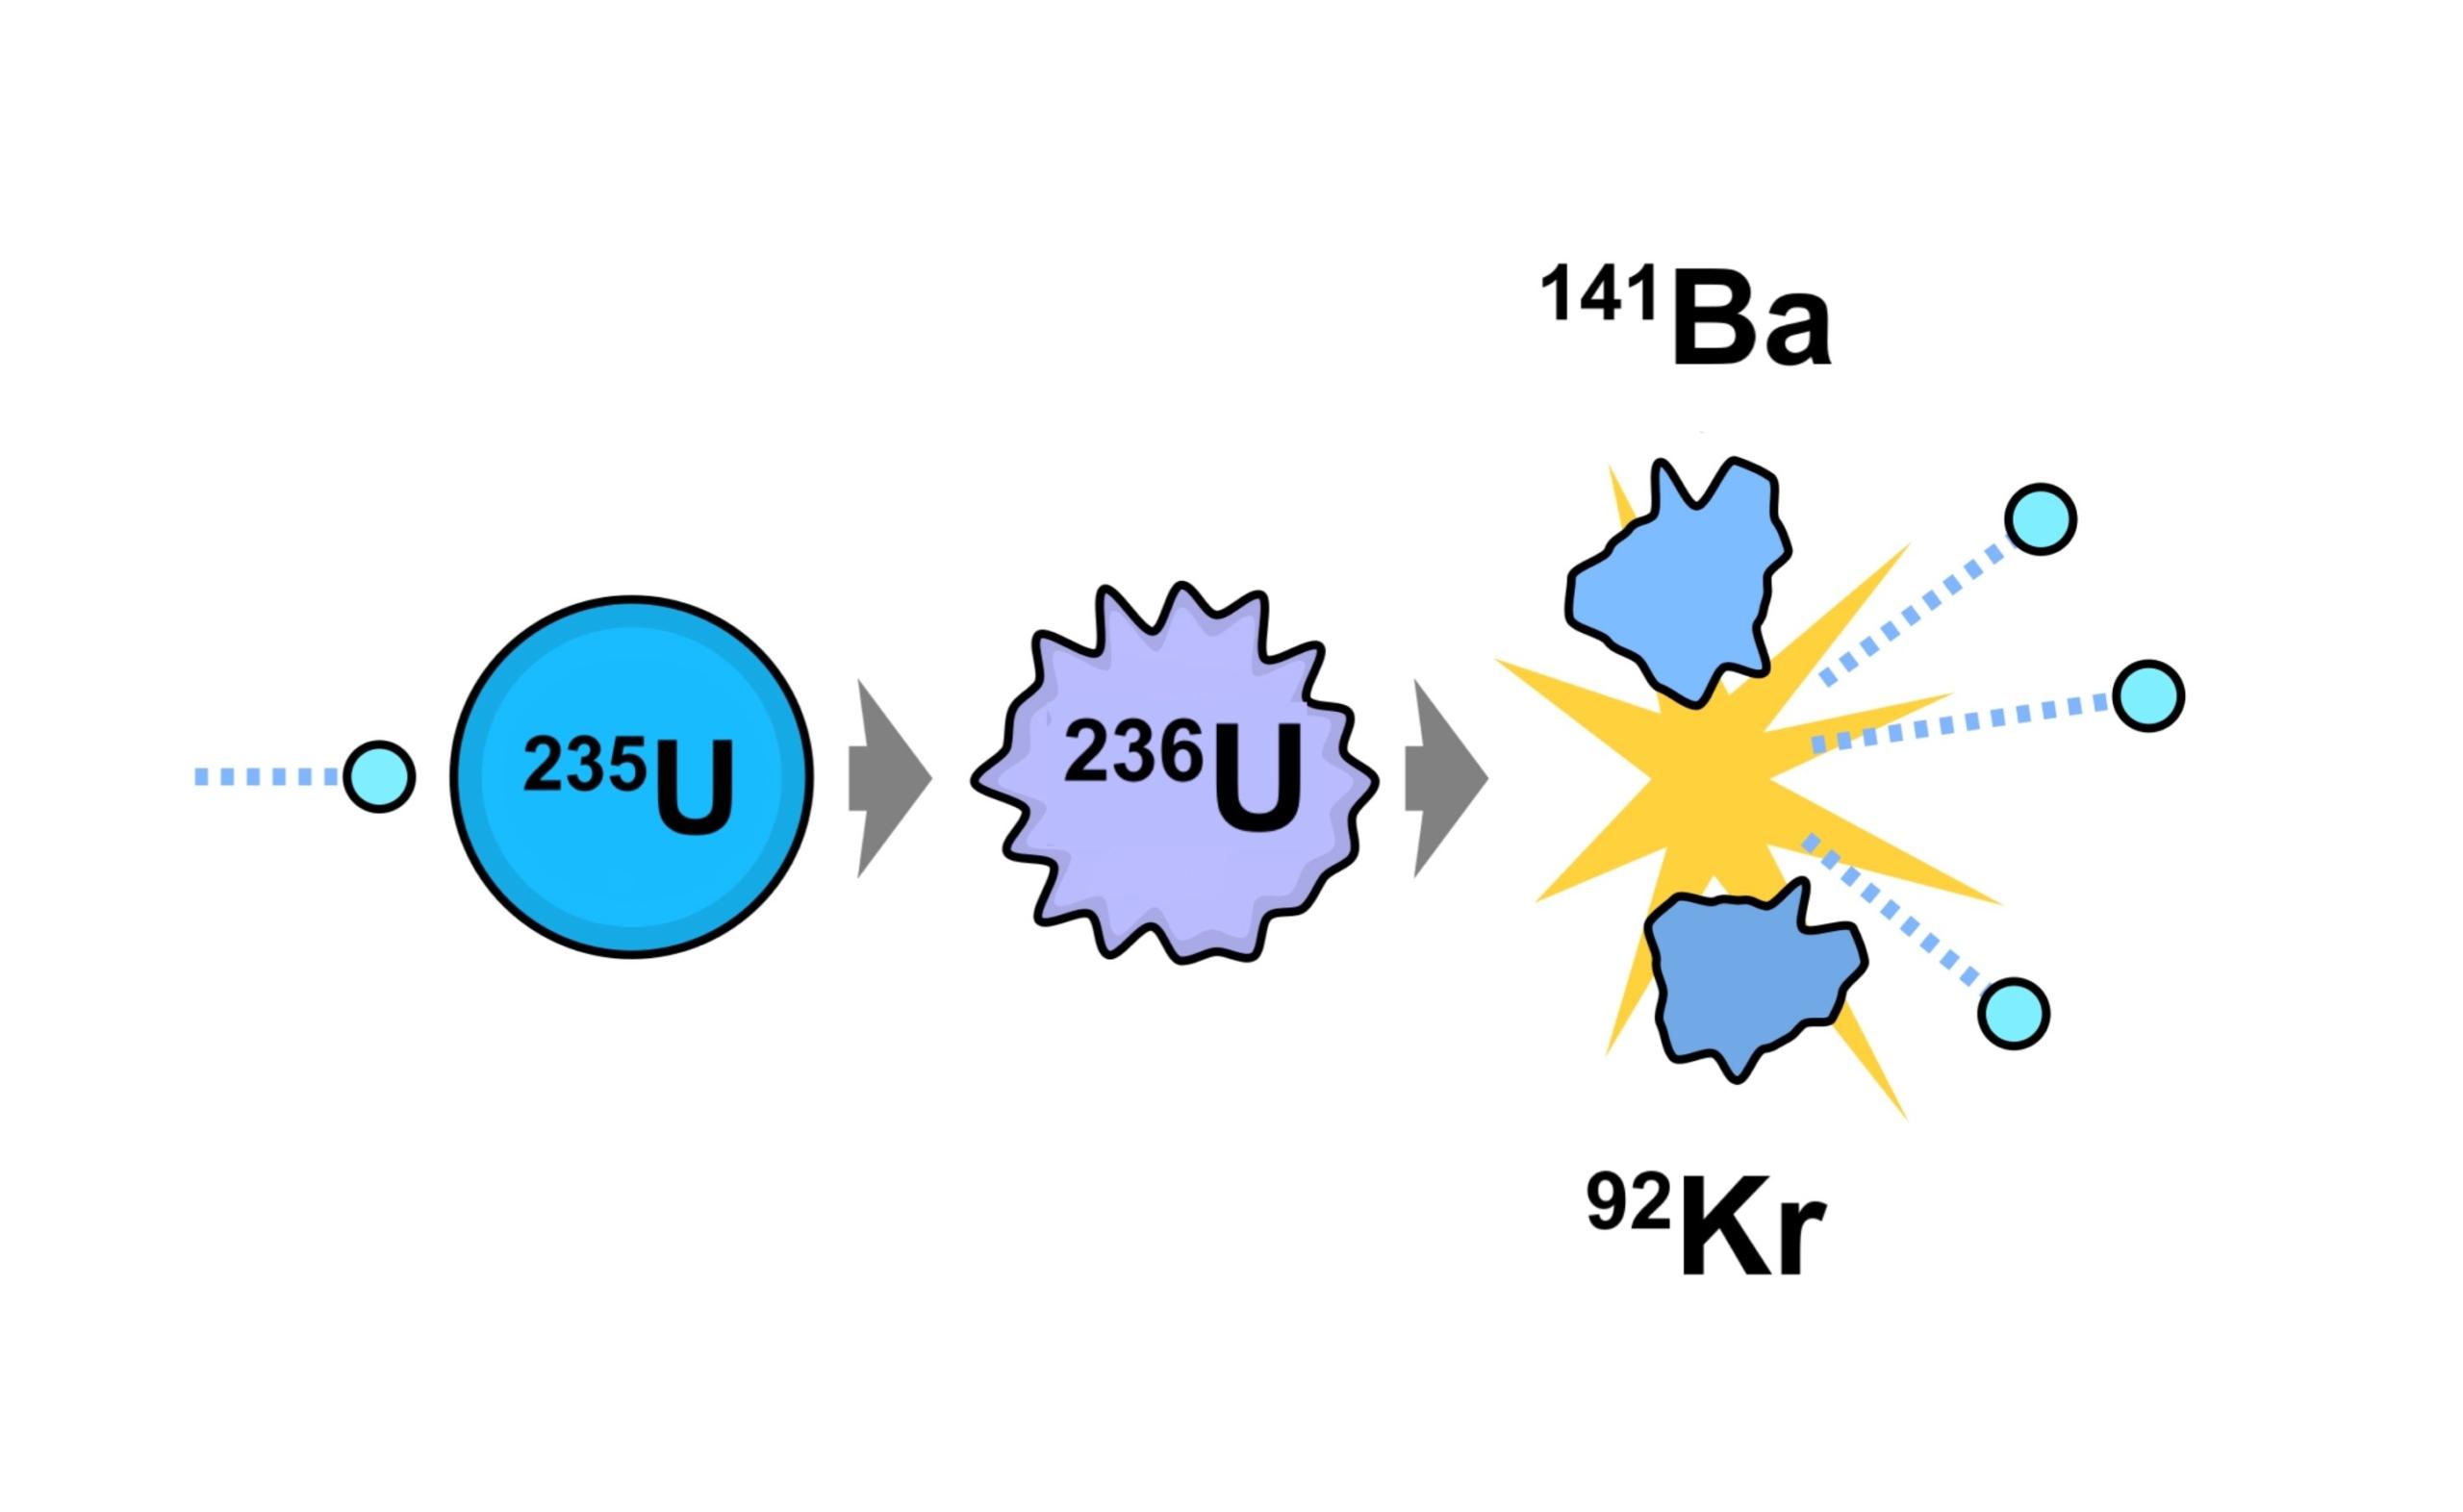 De kettingreactie van uranium-235 die zowel leidt tot [-] een kernsplijtingsbom, maar ook energie genereert in een kernreactor, wordt aangedreven door neutronenabsorptie als eerste stap, wat resulteert in de productie van drie extra vrije neutronen. E. SIEGEL, FASTFISSION / WIKIMEDIA COMMONS